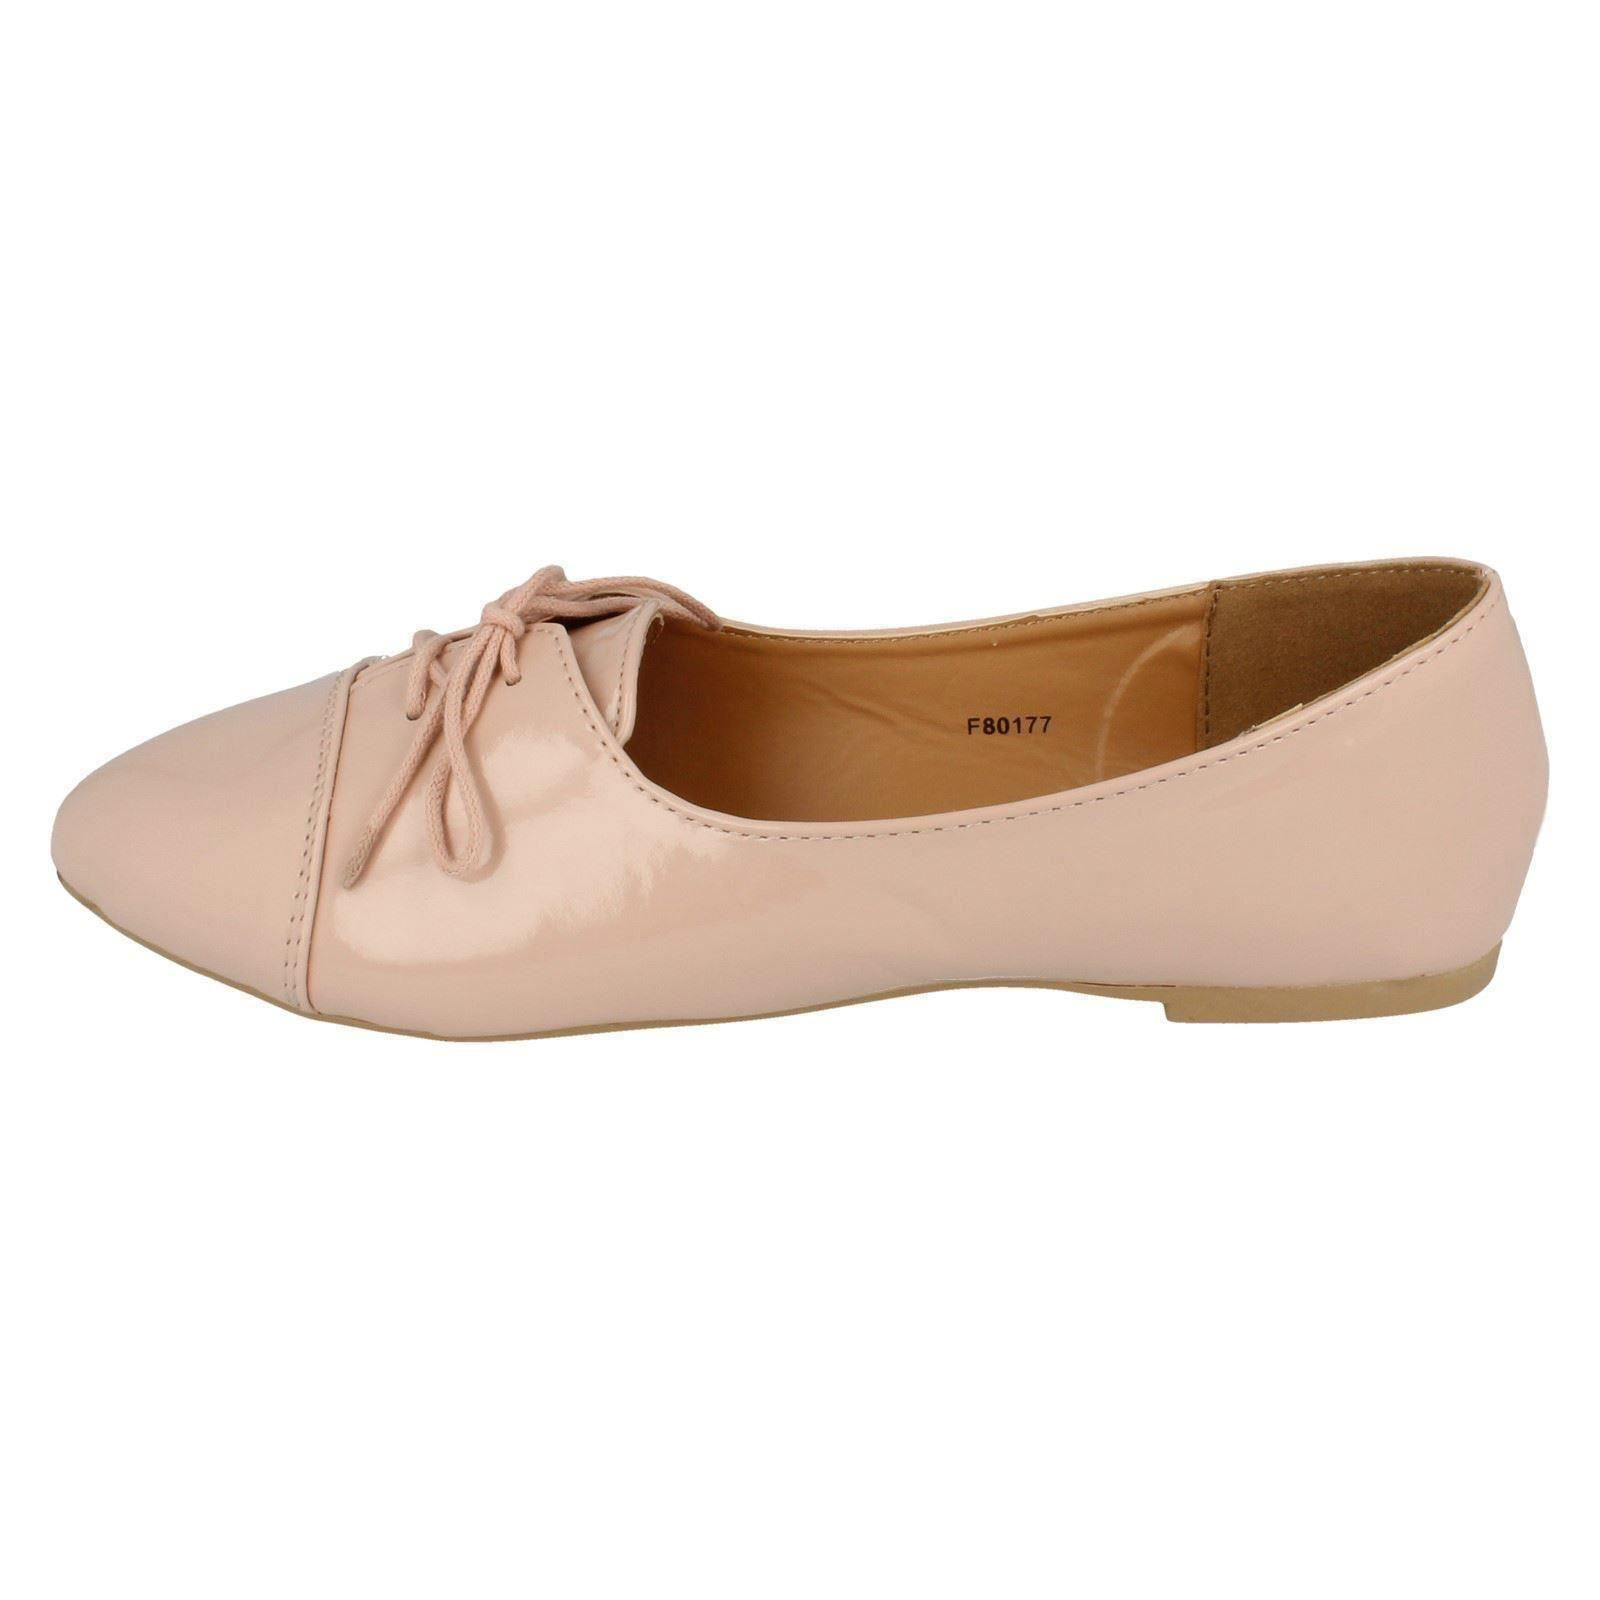 Damas Spot On Con Cordones Zapatos Planos Con Puntera Cosida F80177-D